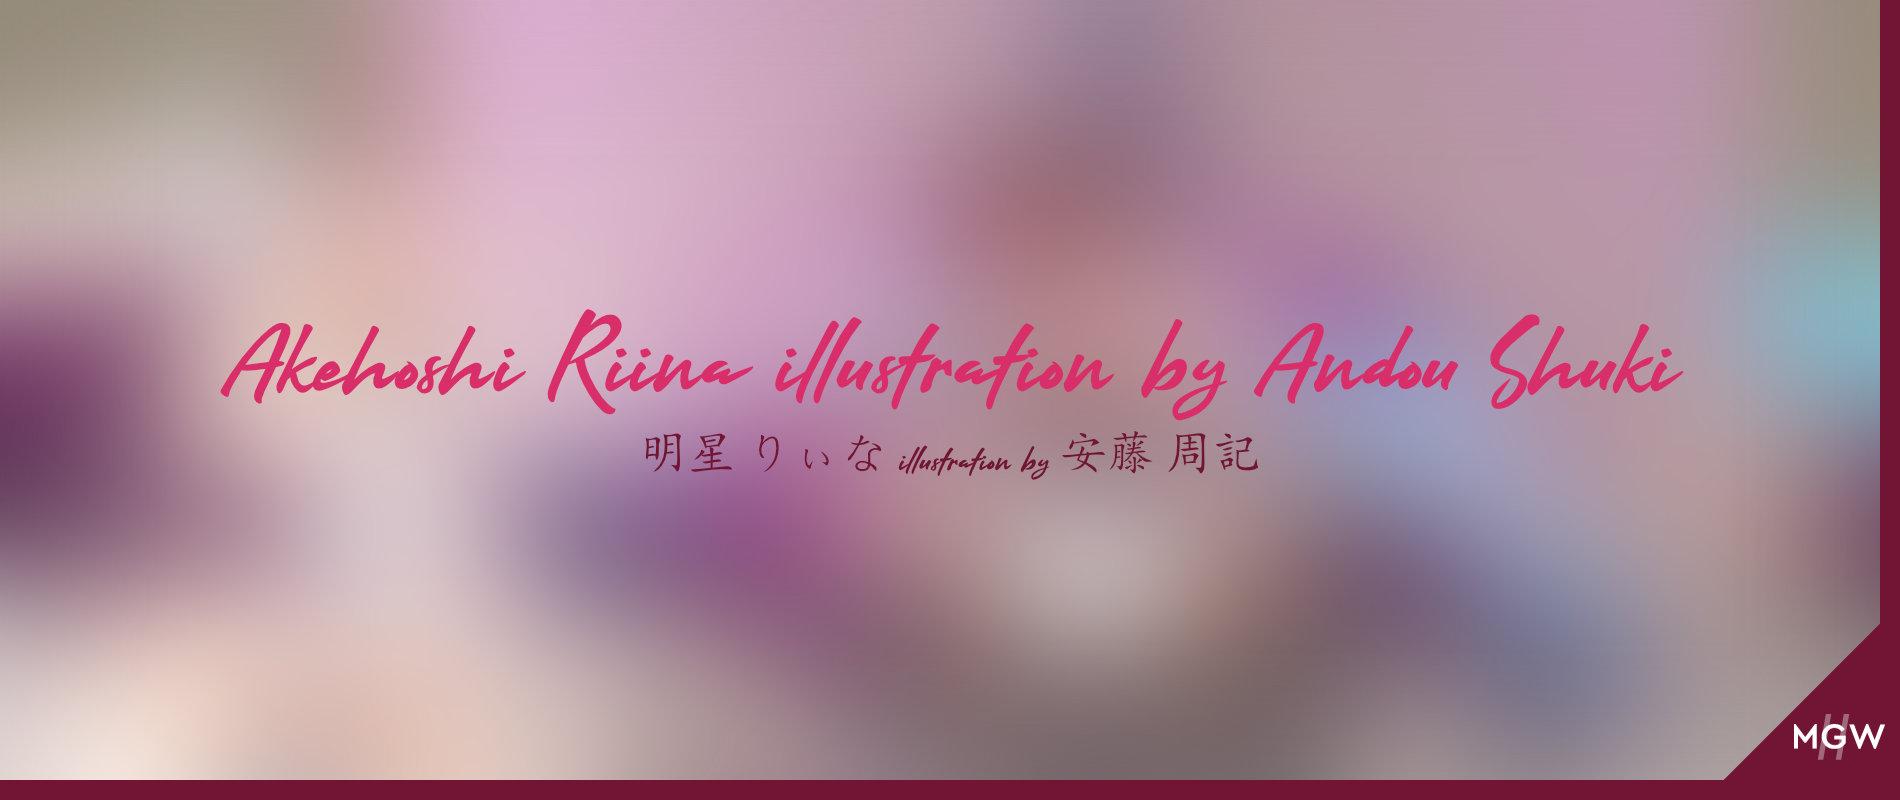 PLEIADES Akehoshi Riina illustration by Andou Shuki MyGrailWatch Anime Figure Guide